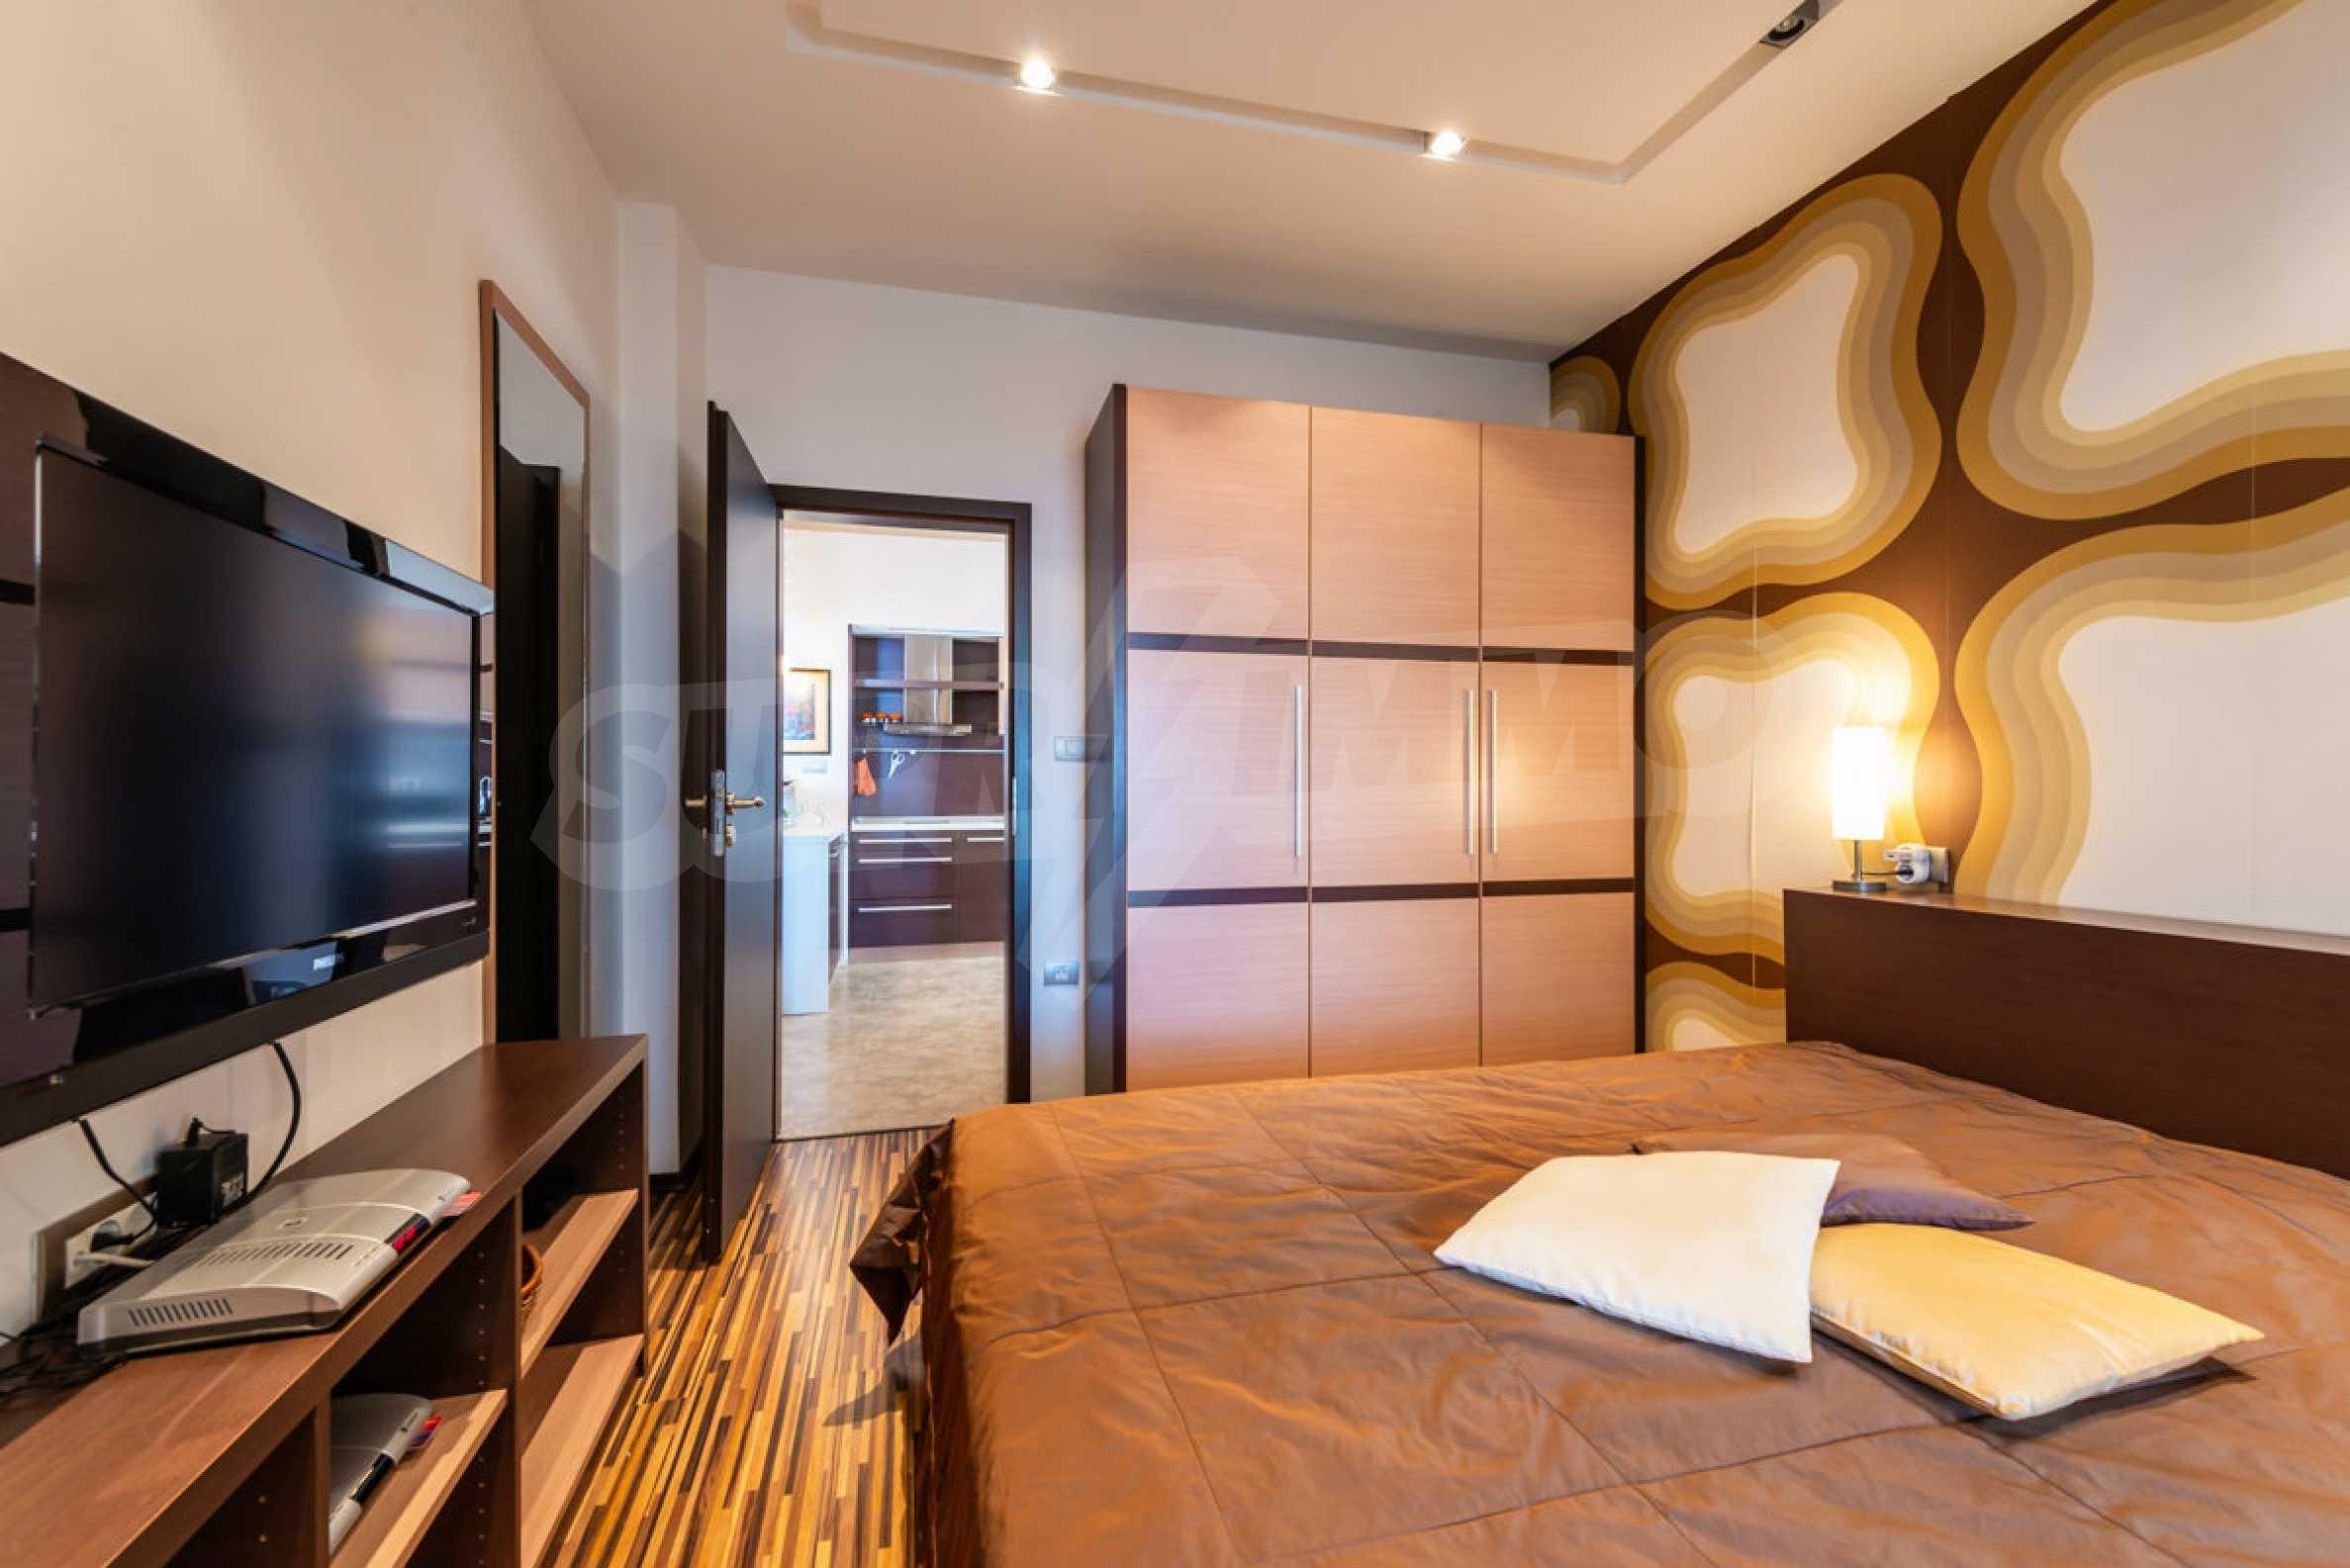 Luxus-Apartment mit einem Schlafzimmer mit spektakulärem Meerblick 10